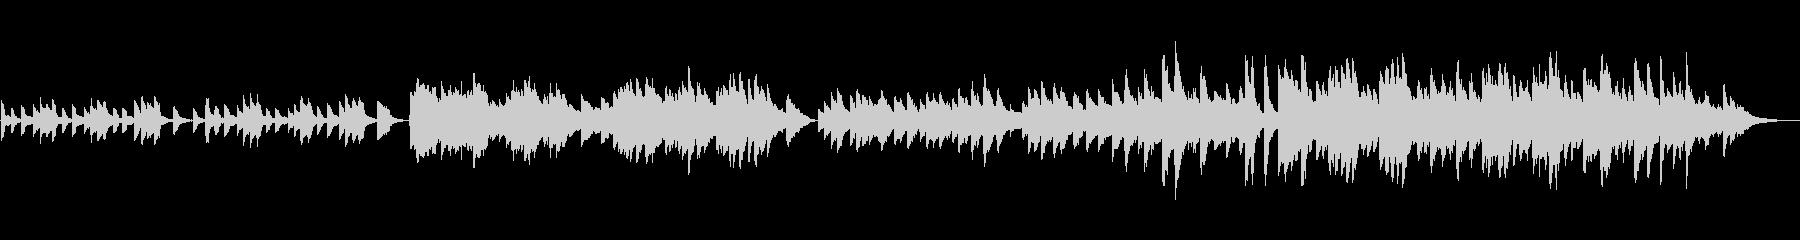 明るめのピアノソロBGM(約1分30秒)の未再生の波形